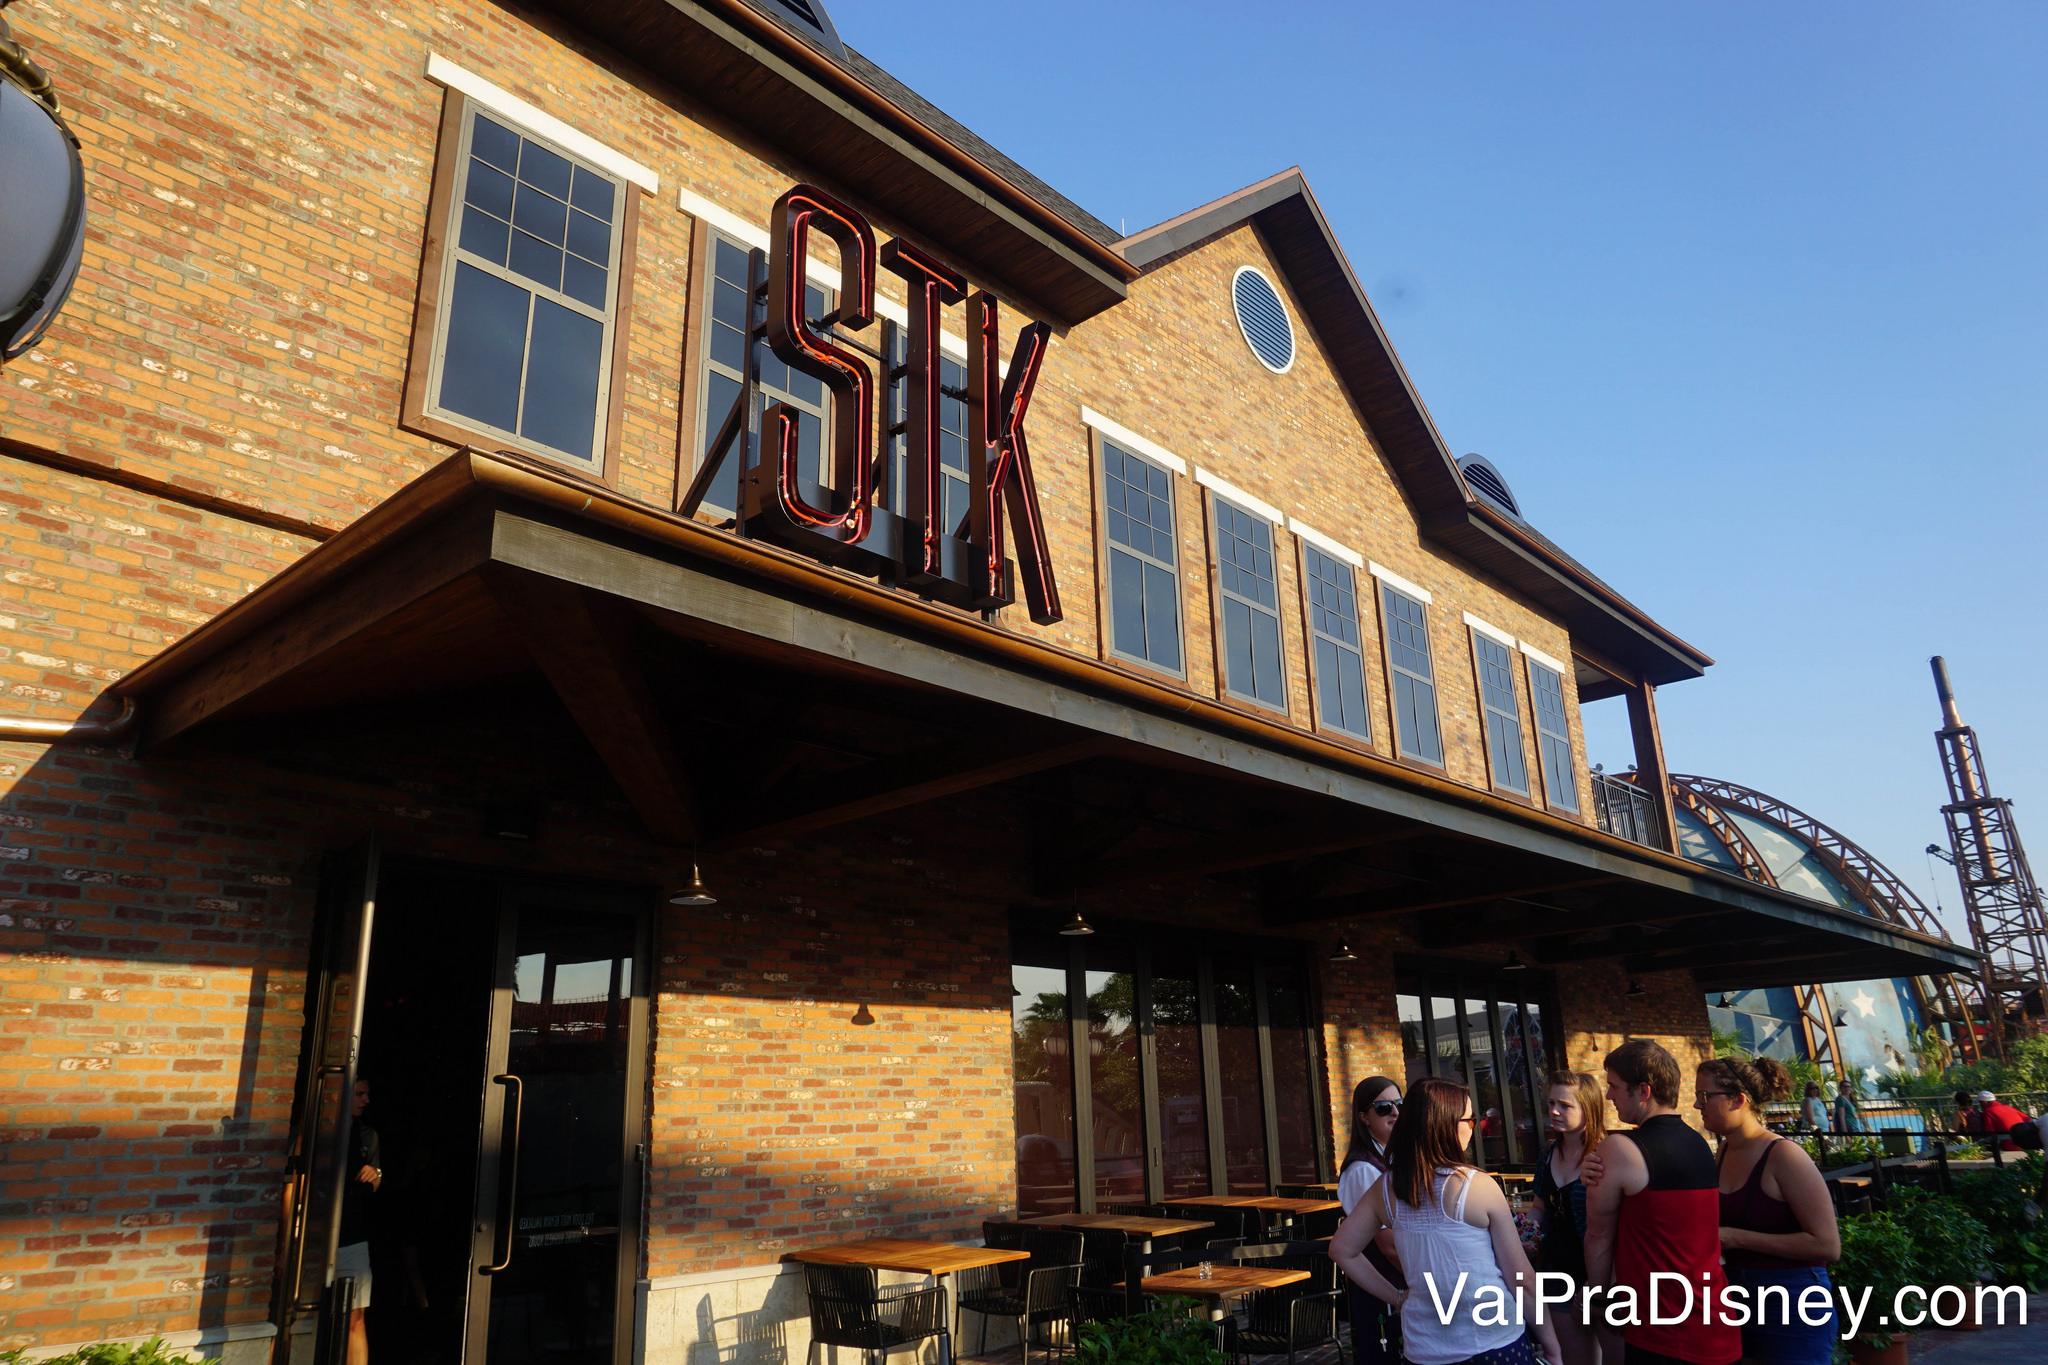 Foto da fachada de tijolos à vista do STK, a steakhouse de Disney Springs em Orlando